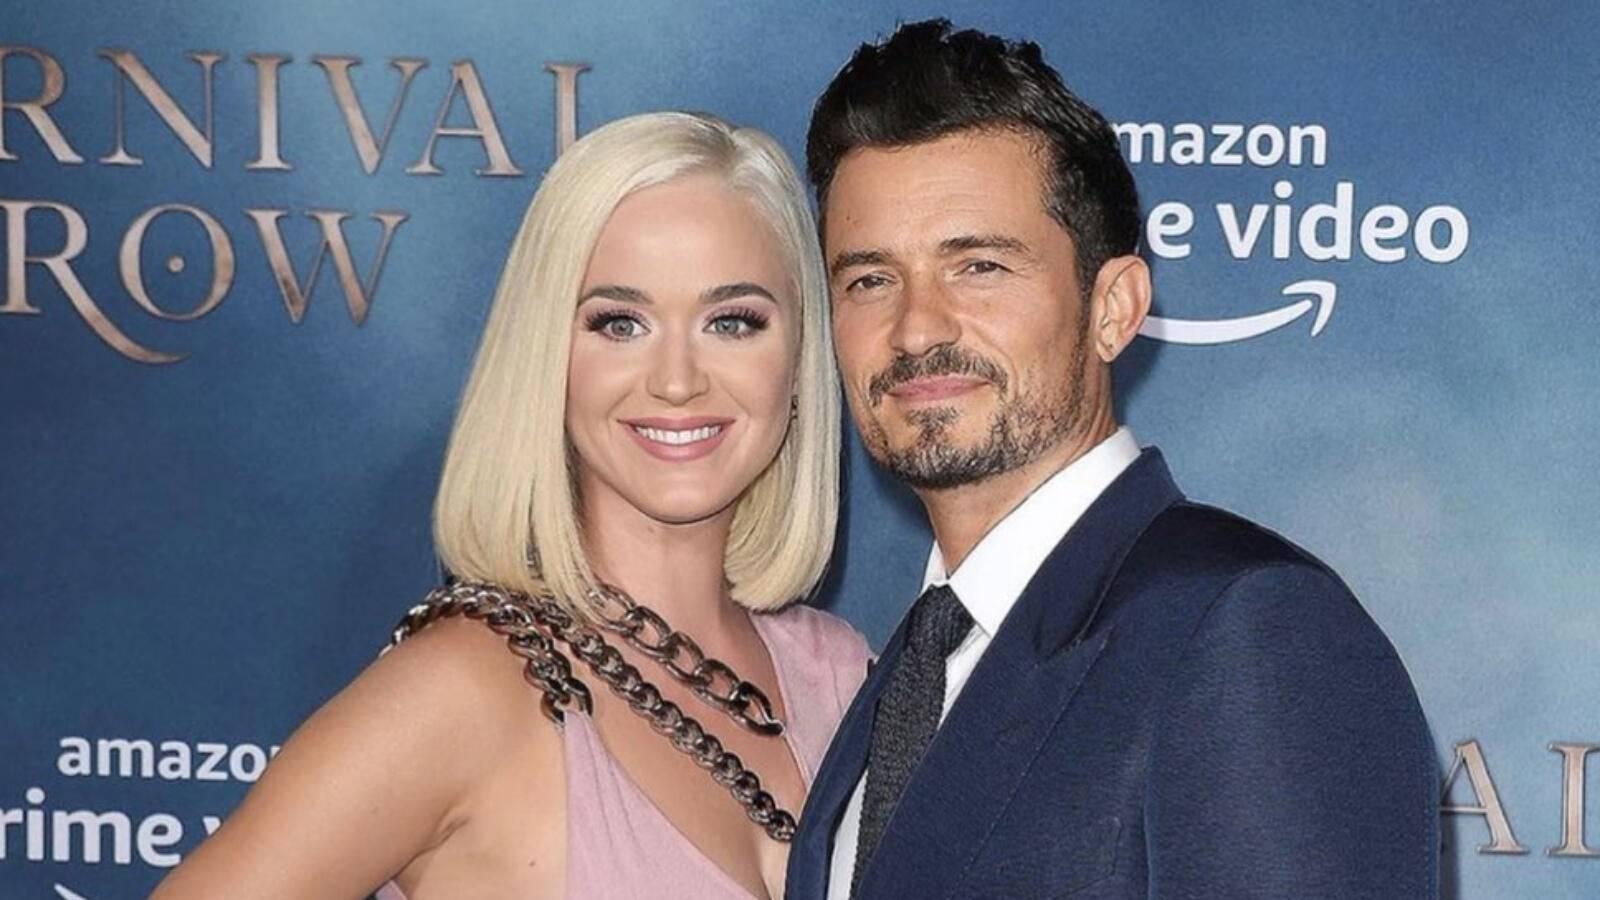 Katy Perry este însărcinată! După ce a aflat sexul copilului, s-a decis imediat! Află ce nume i-a ales vedeta…